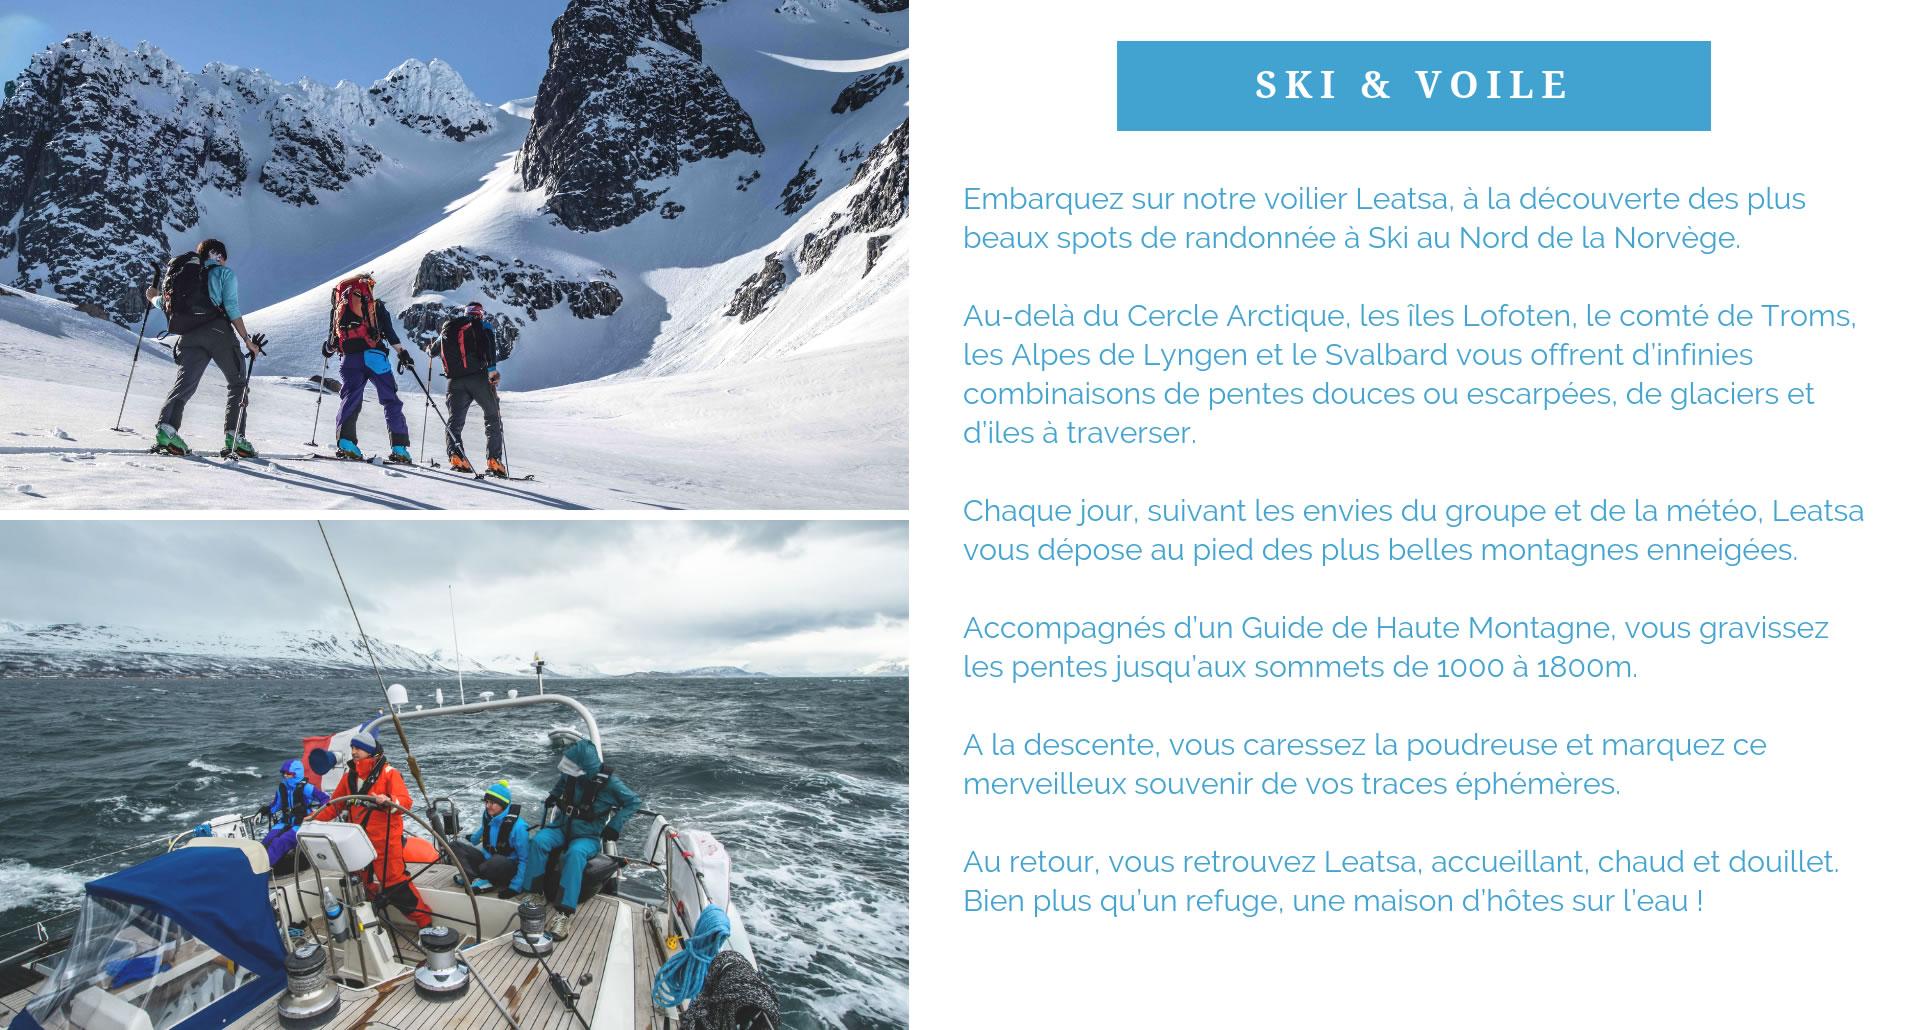 Ski & Voile